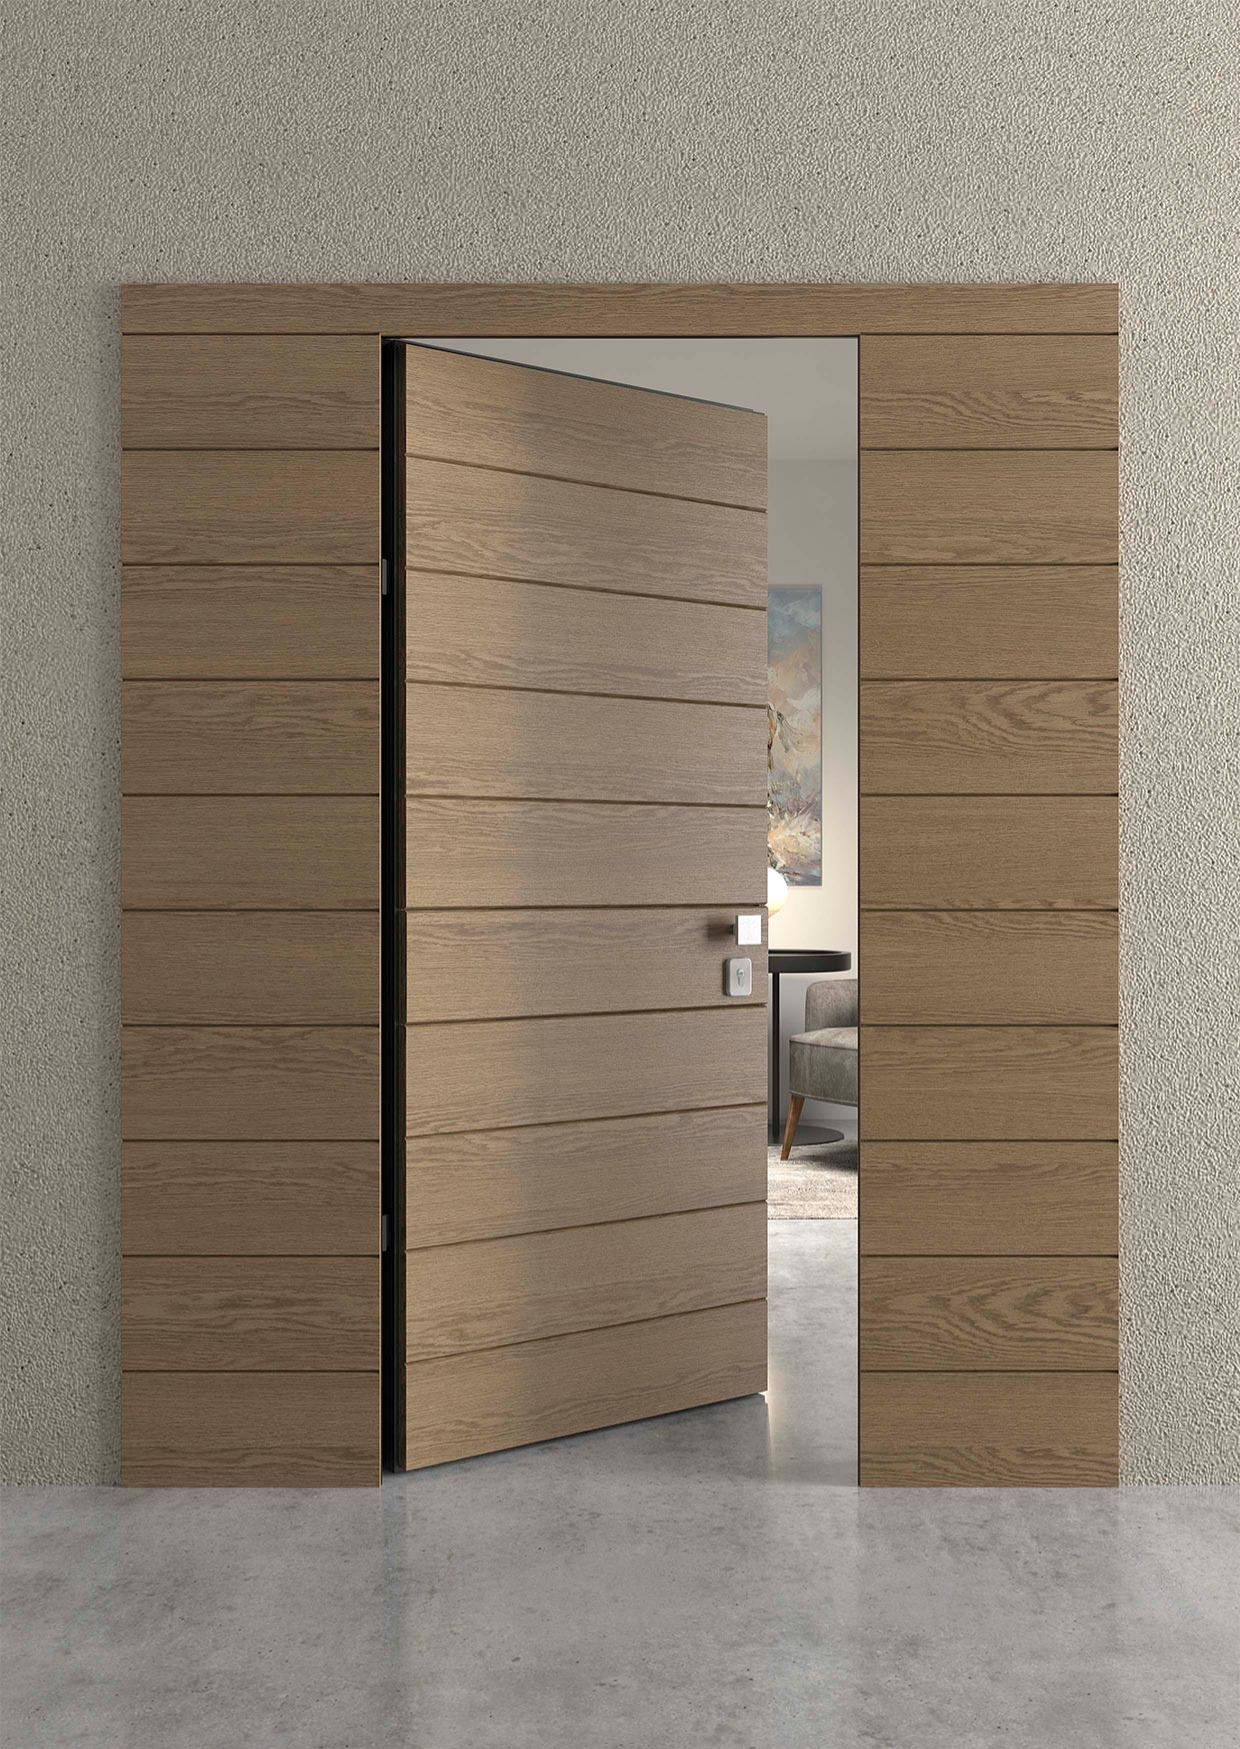 Θωρακισμένη πόρτα κατασκευασμένη από δρυς με οριζόντια νερά